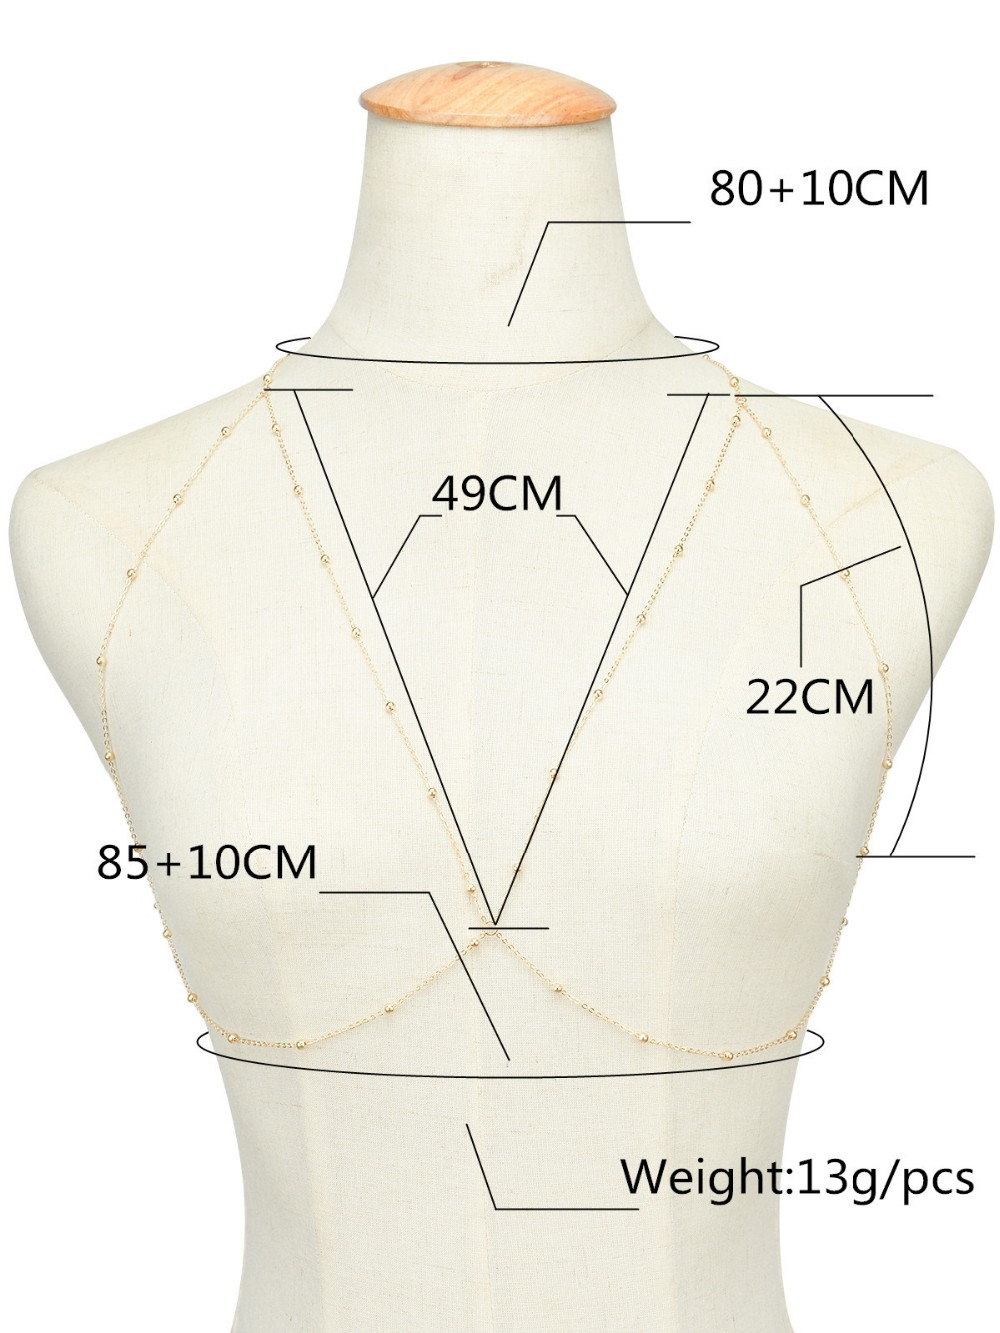 HTB1AgEwOVXXXXbyaXXXq6xXFXXXF Copper Bead Bikini Harness Body Chain For Women - 2 Colors